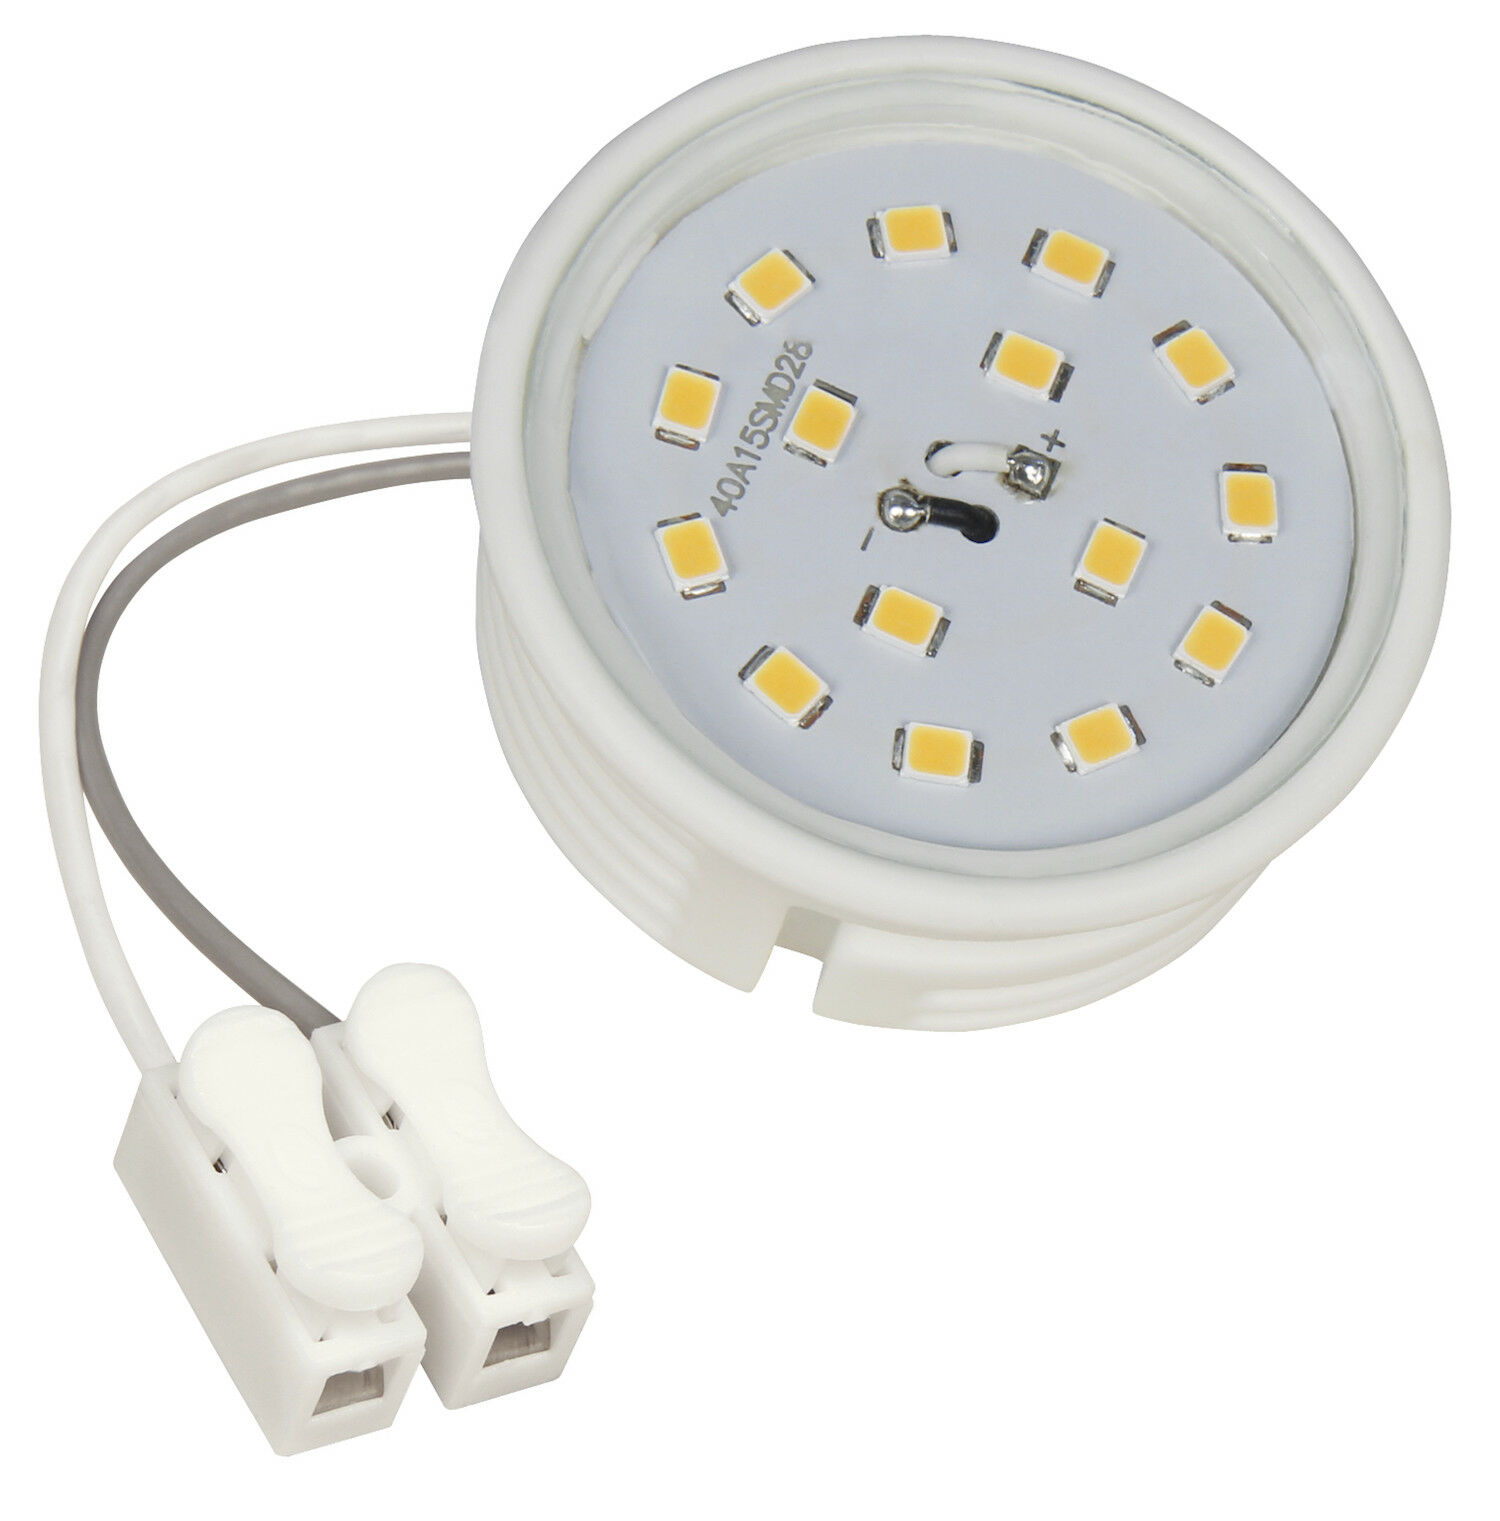 LED-Module, 5Watt, dimmbar, 400 Lumen, 220V, Einbautiefe nur 20mm, Gu10 Ersatz